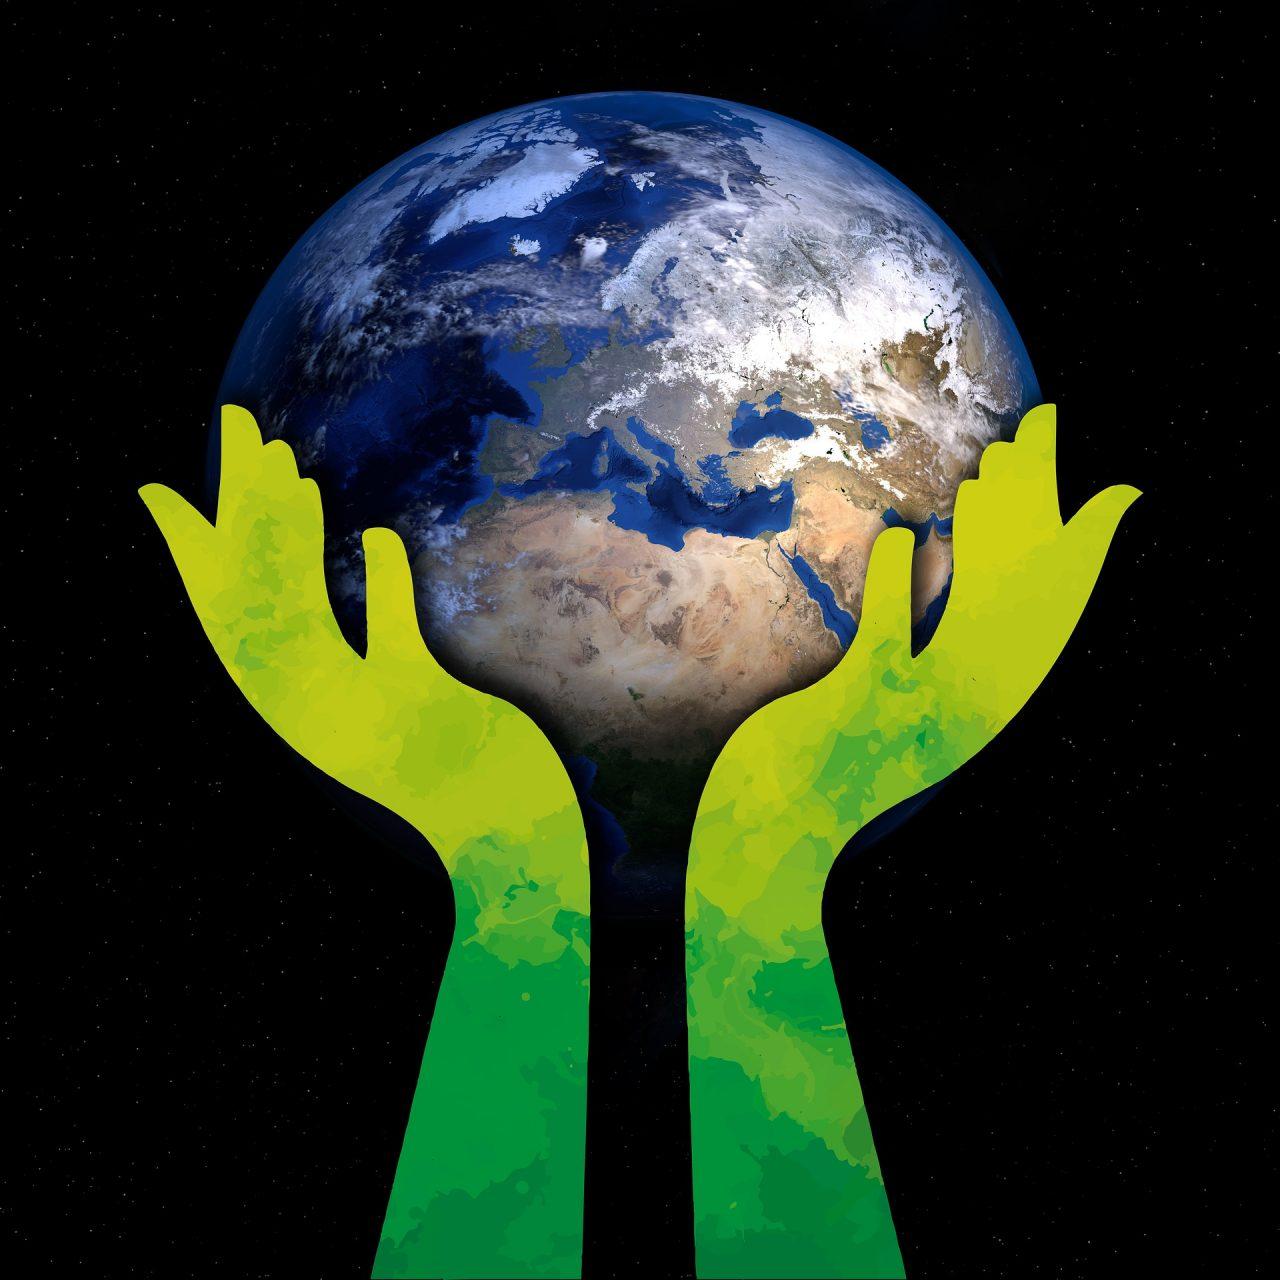 De aarde in Gods handen